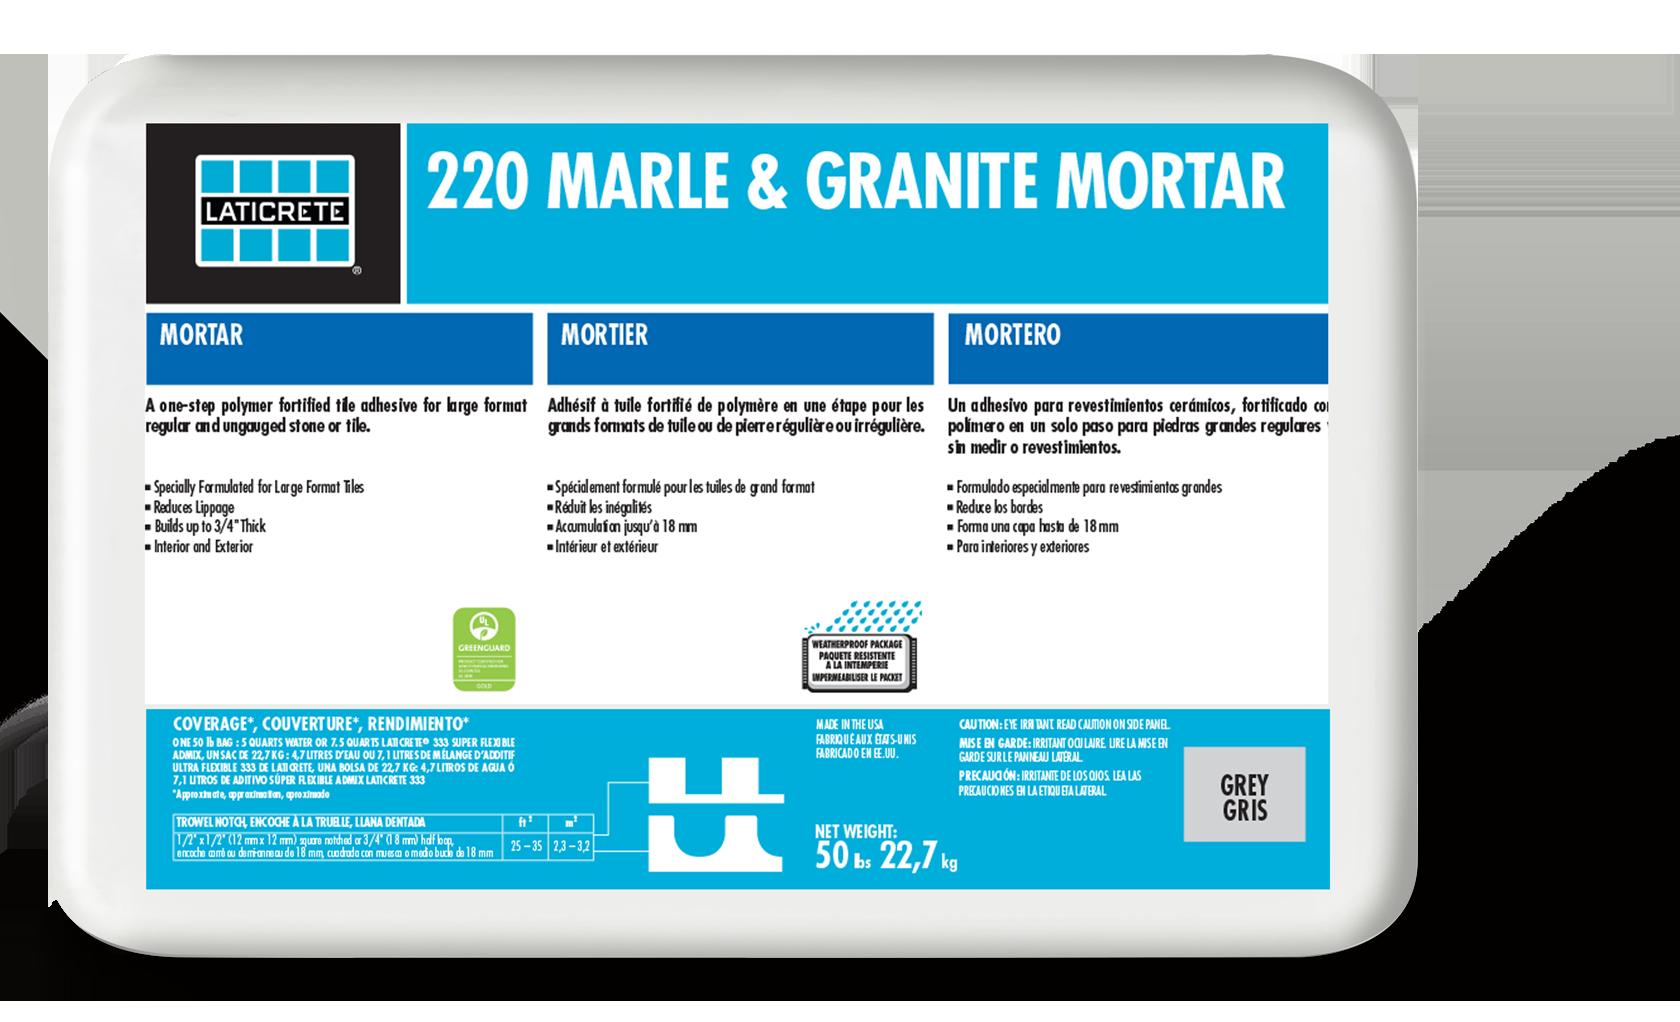 220 Marble & Granite Mortar